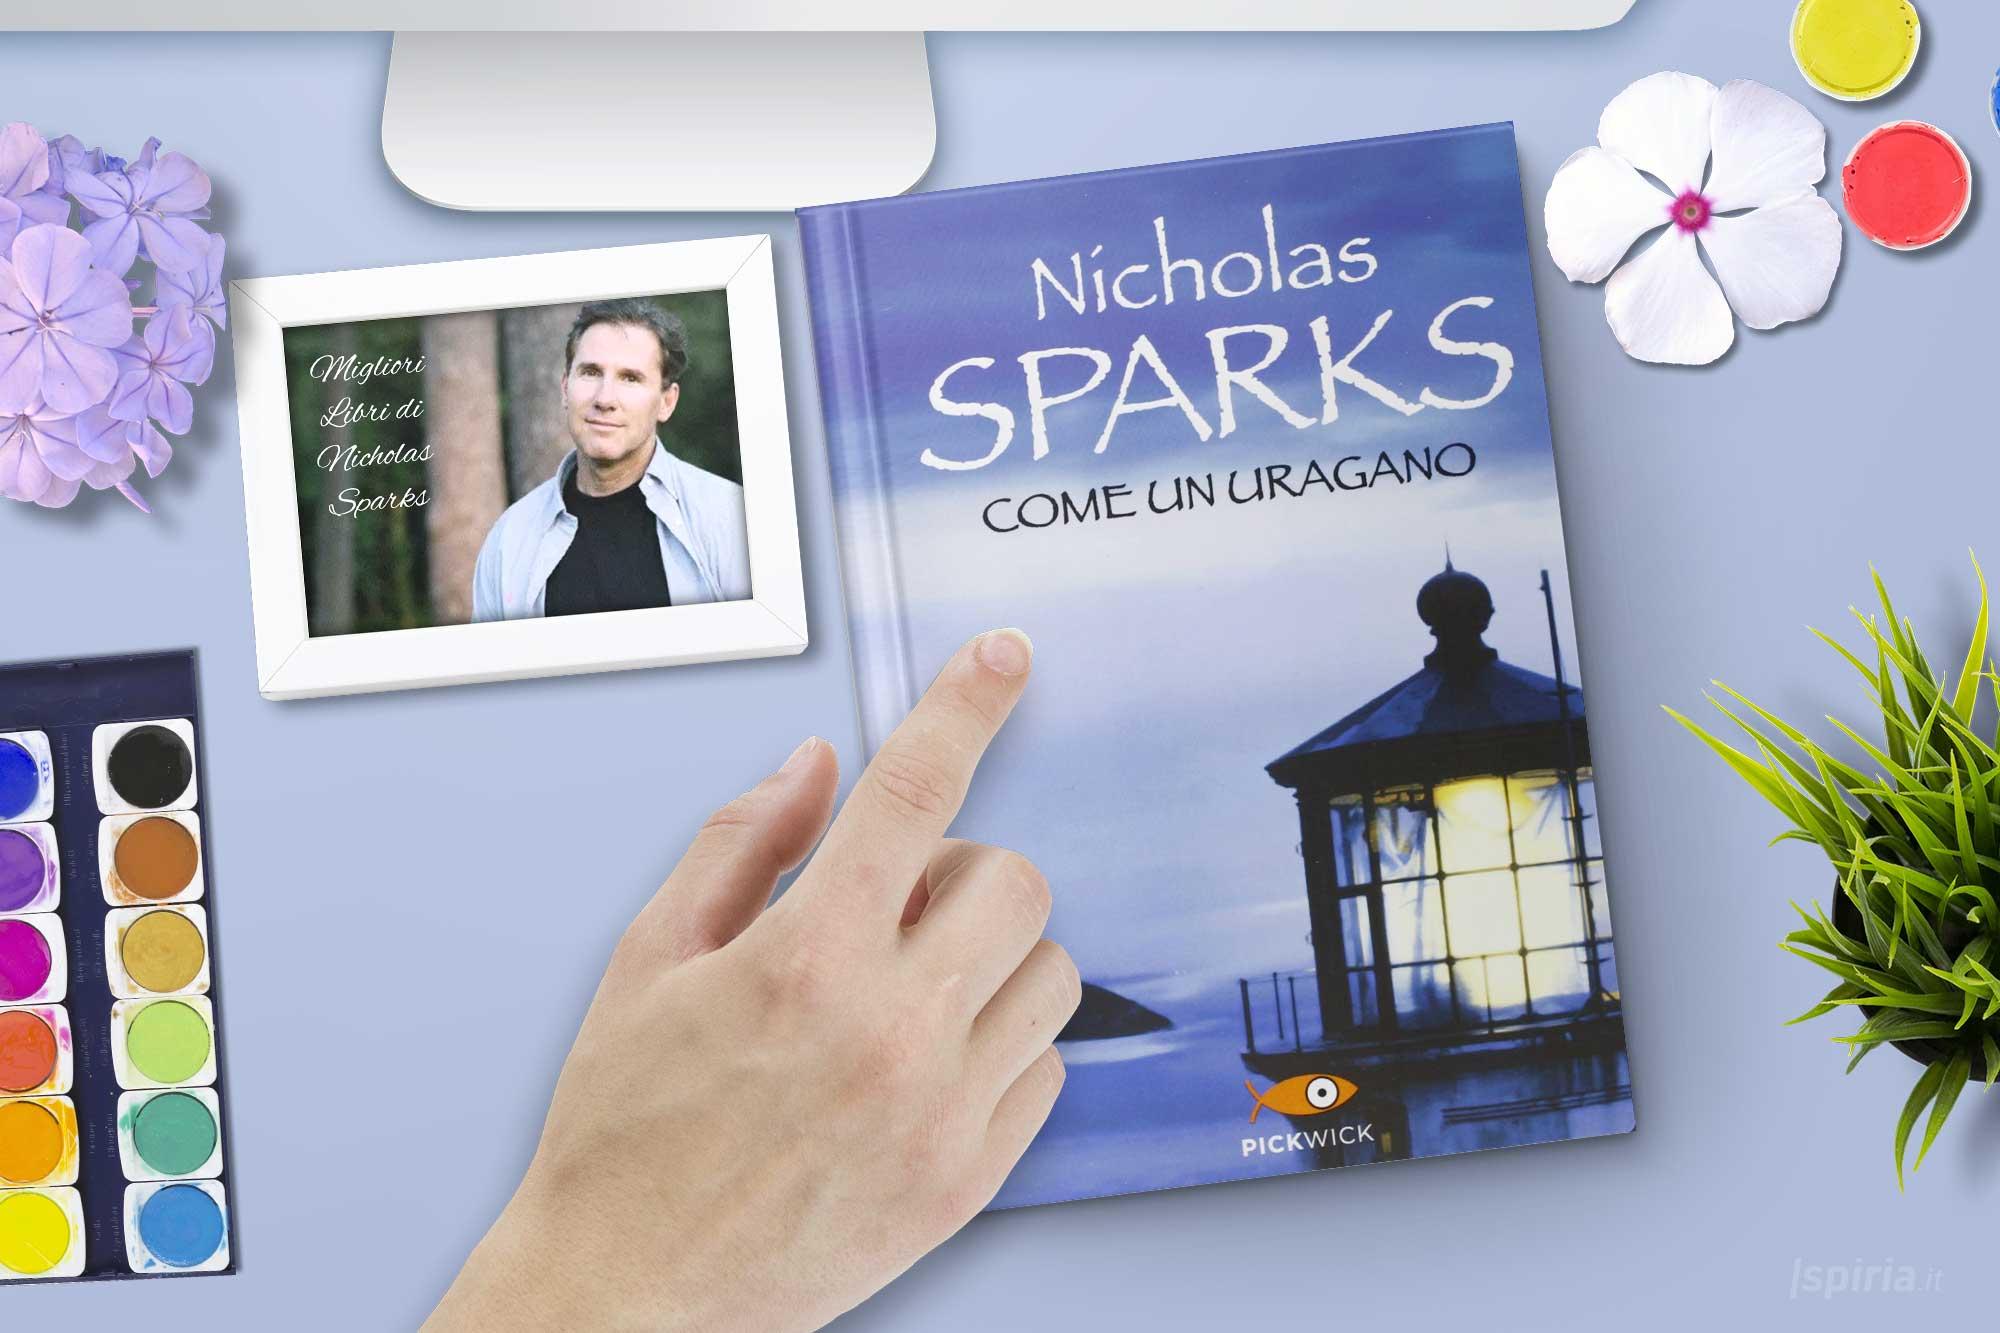 come-un-uragano-miglior-libro-nicholas-sparks